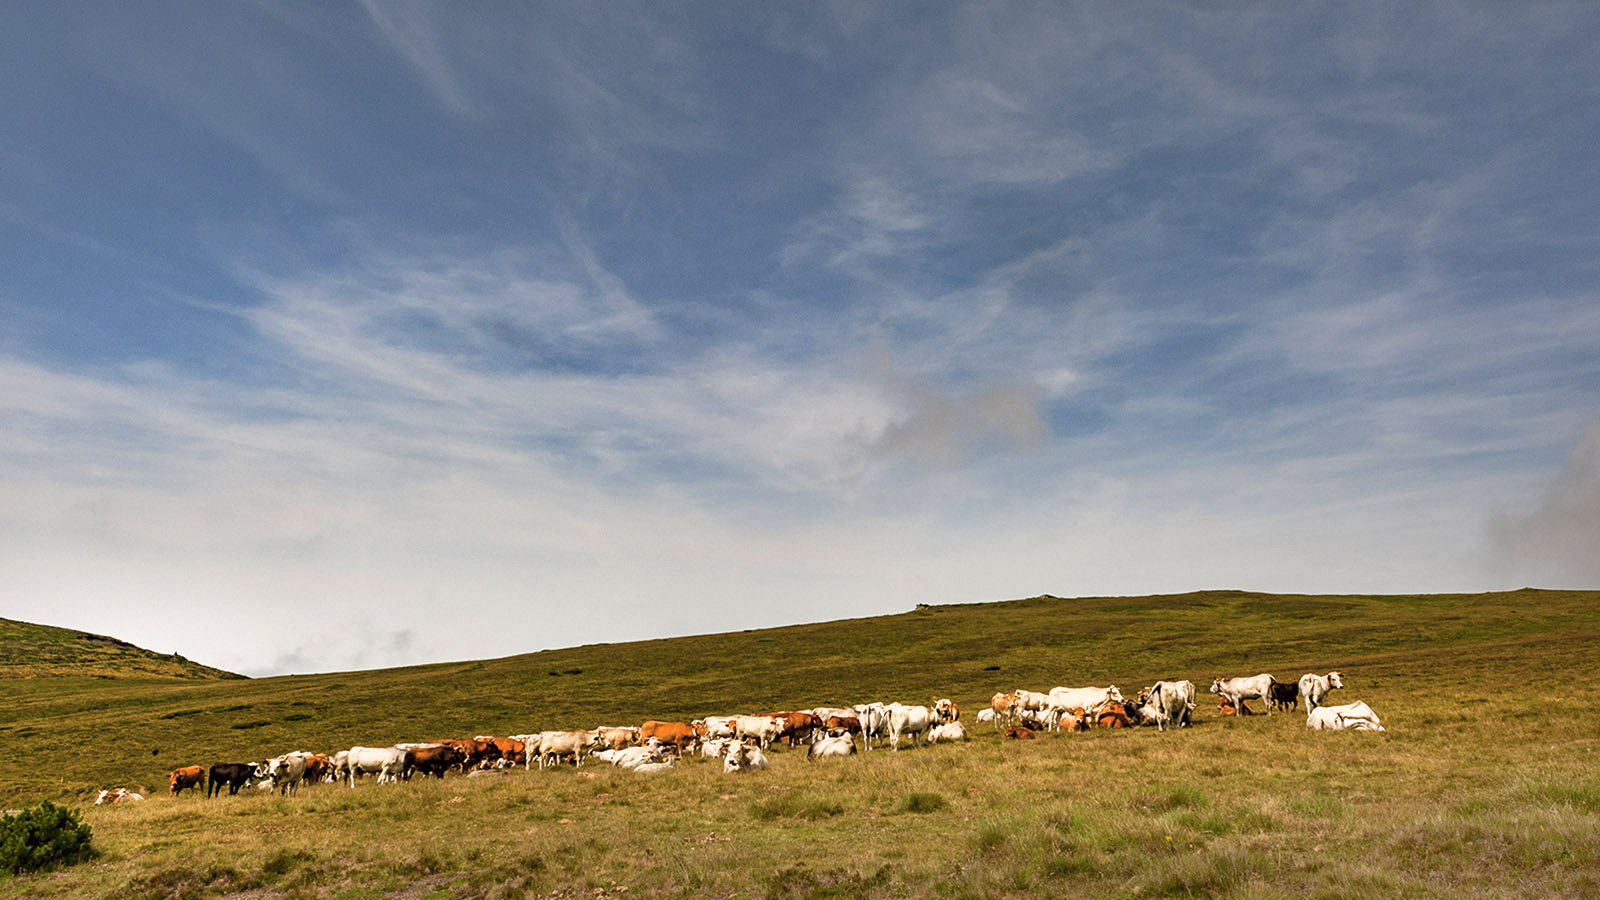 Rinde auf der Sommerweide am Col de Pailheres. Foto: Hilke Maunder